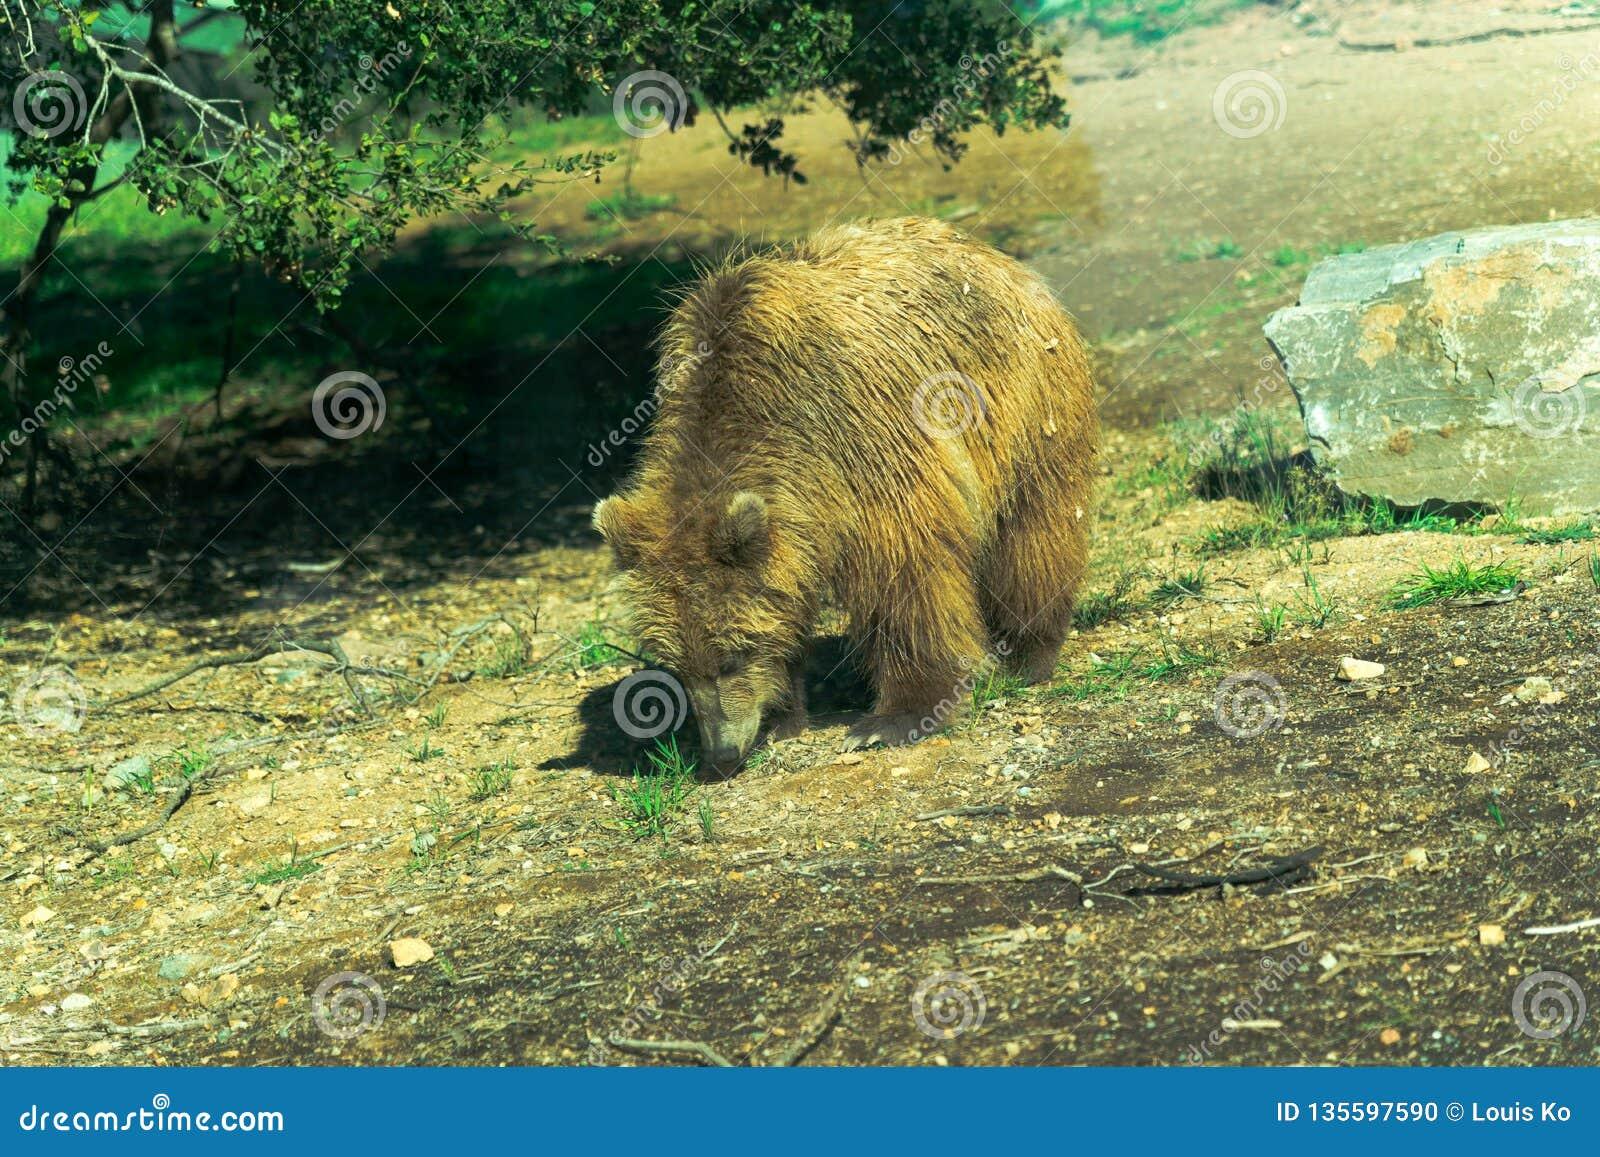 Großer Braunbär - Tier, lebender Organismus, Säugetiere